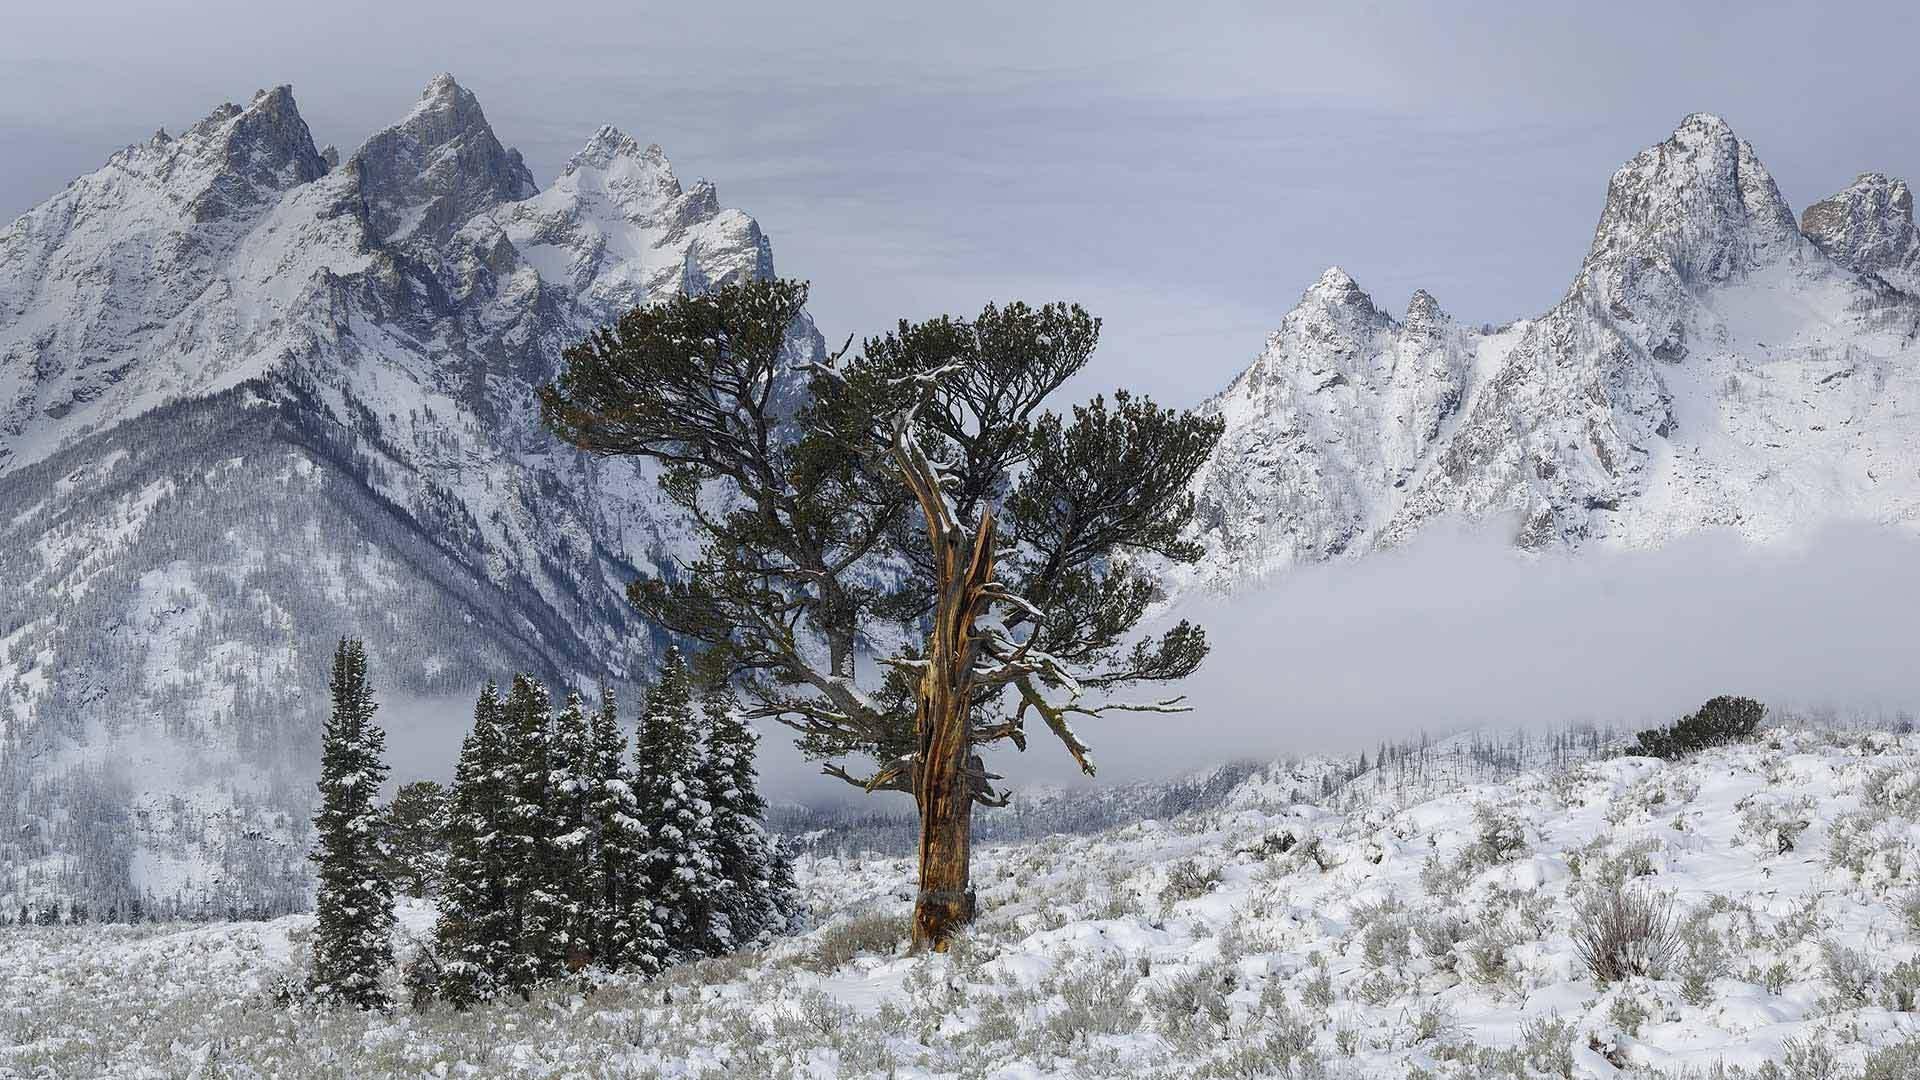 大提顿国家公园中的Old Patriarch Tree大提顿国家公园